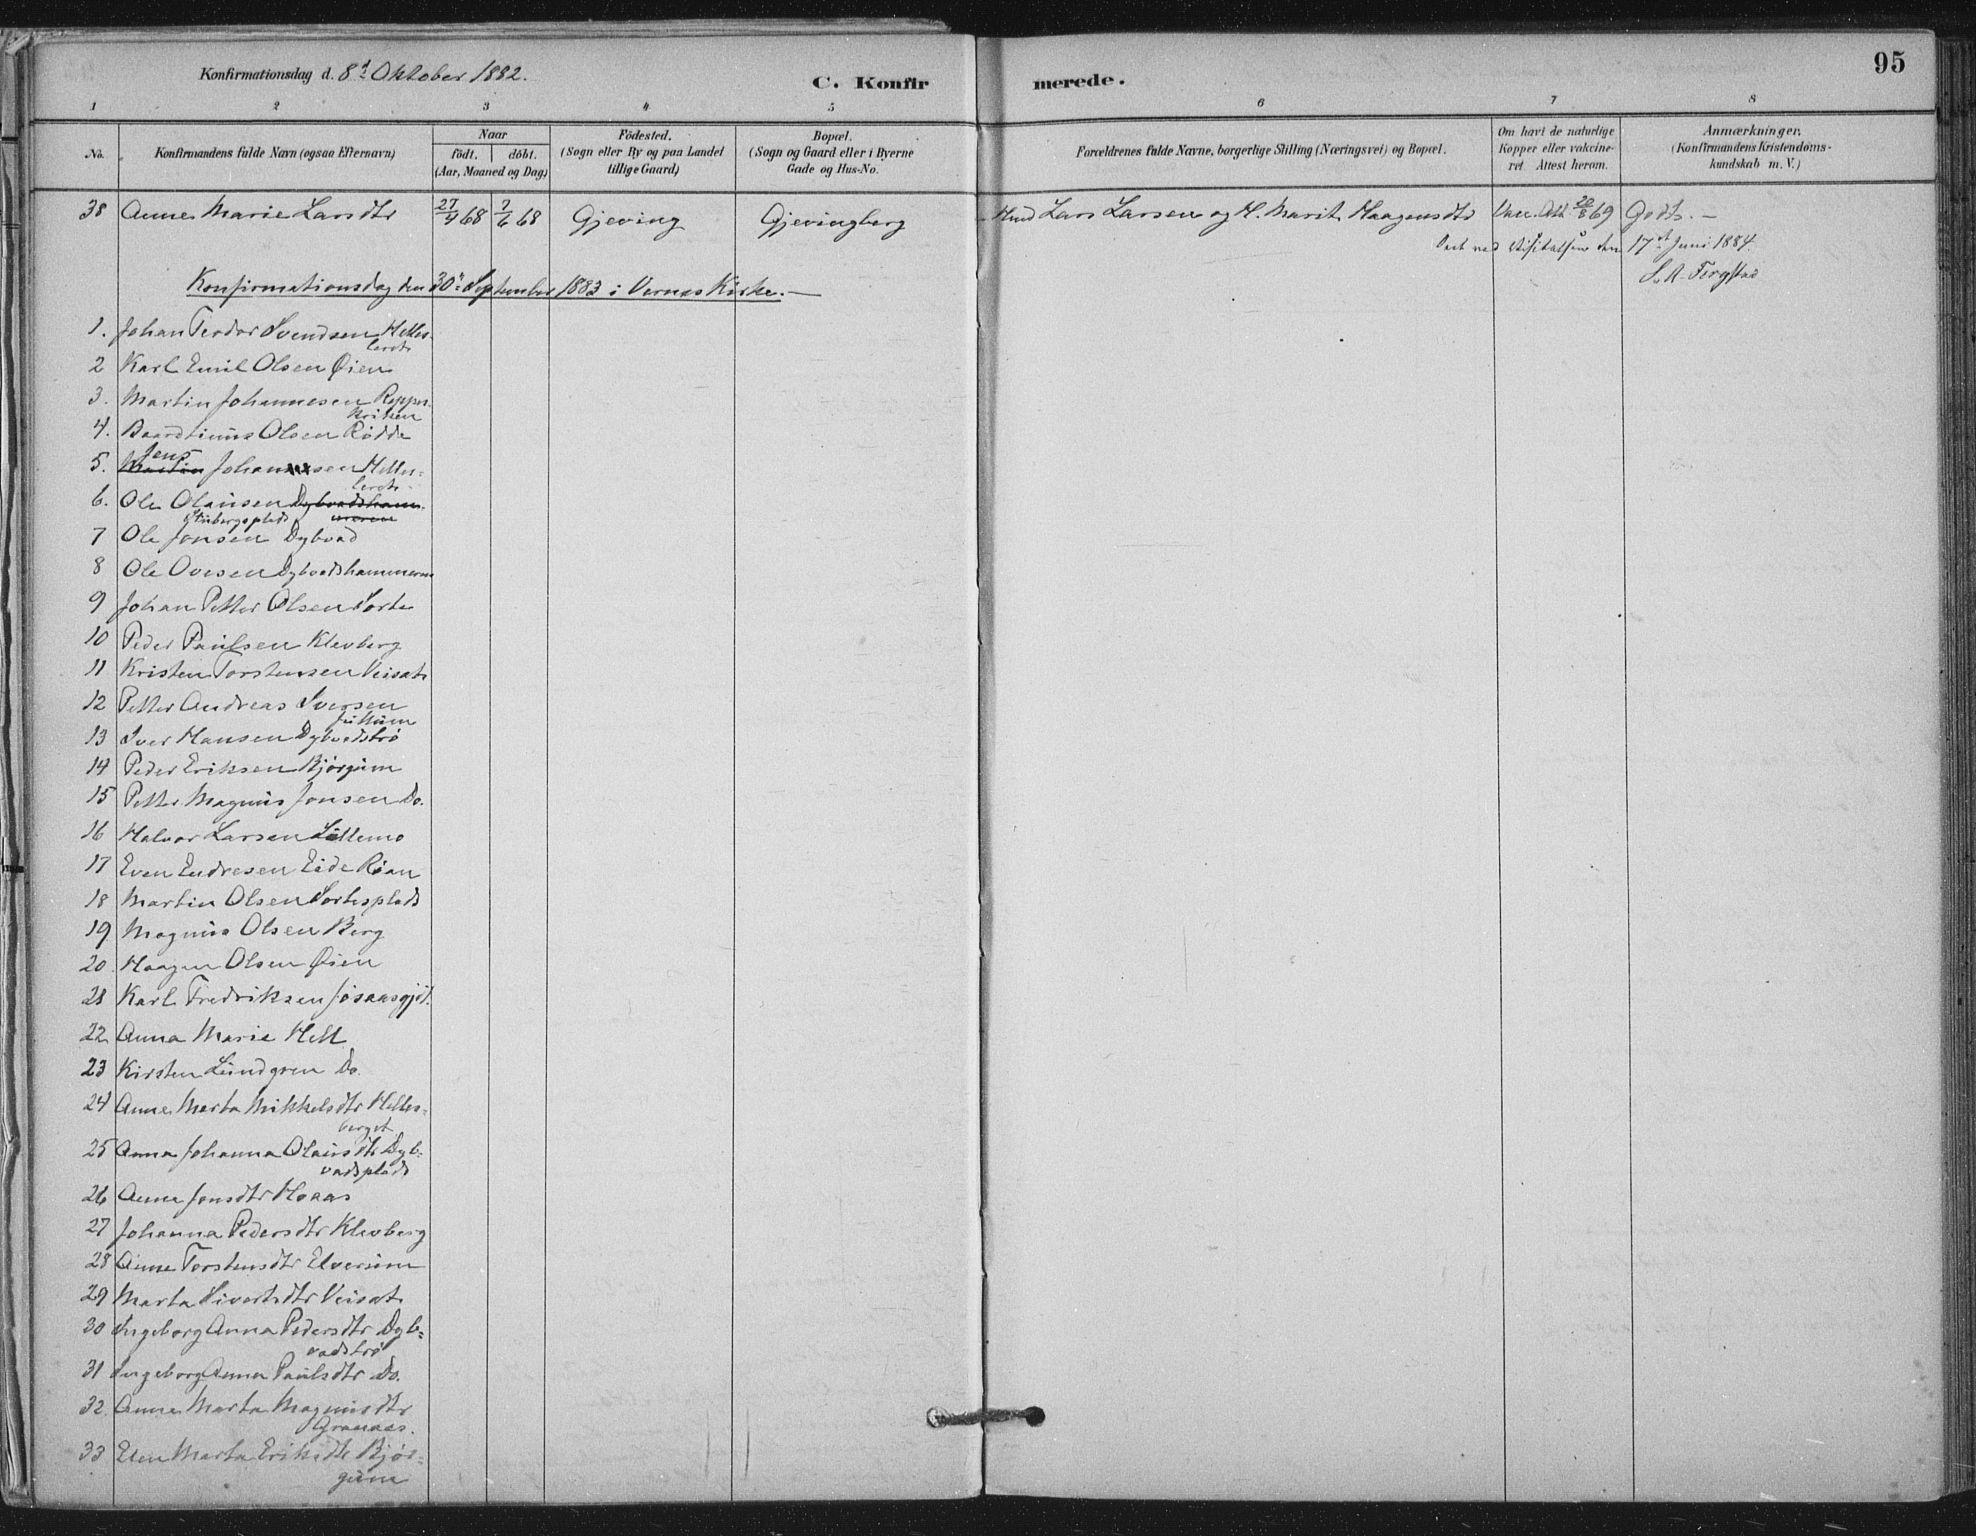 SAT, Ministerialprotokoller, klokkerbøker og fødselsregistre - Nord-Trøndelag, 710/L0095: Ministerialbok nr. 710A01, 1880-1914, s. 95